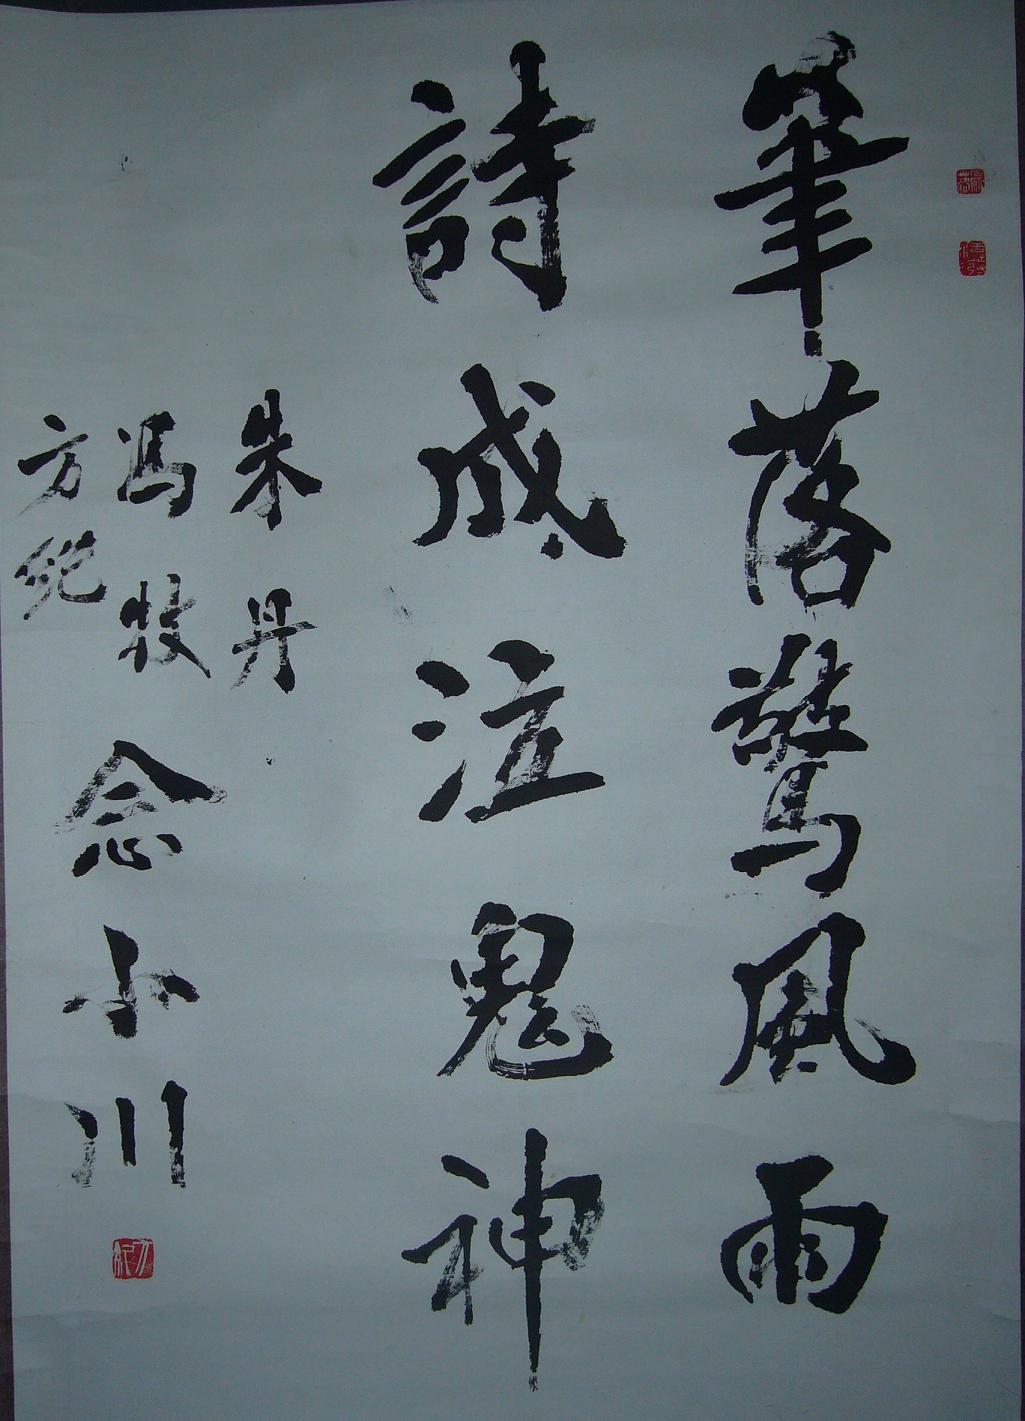 朱丹冯牧方纪